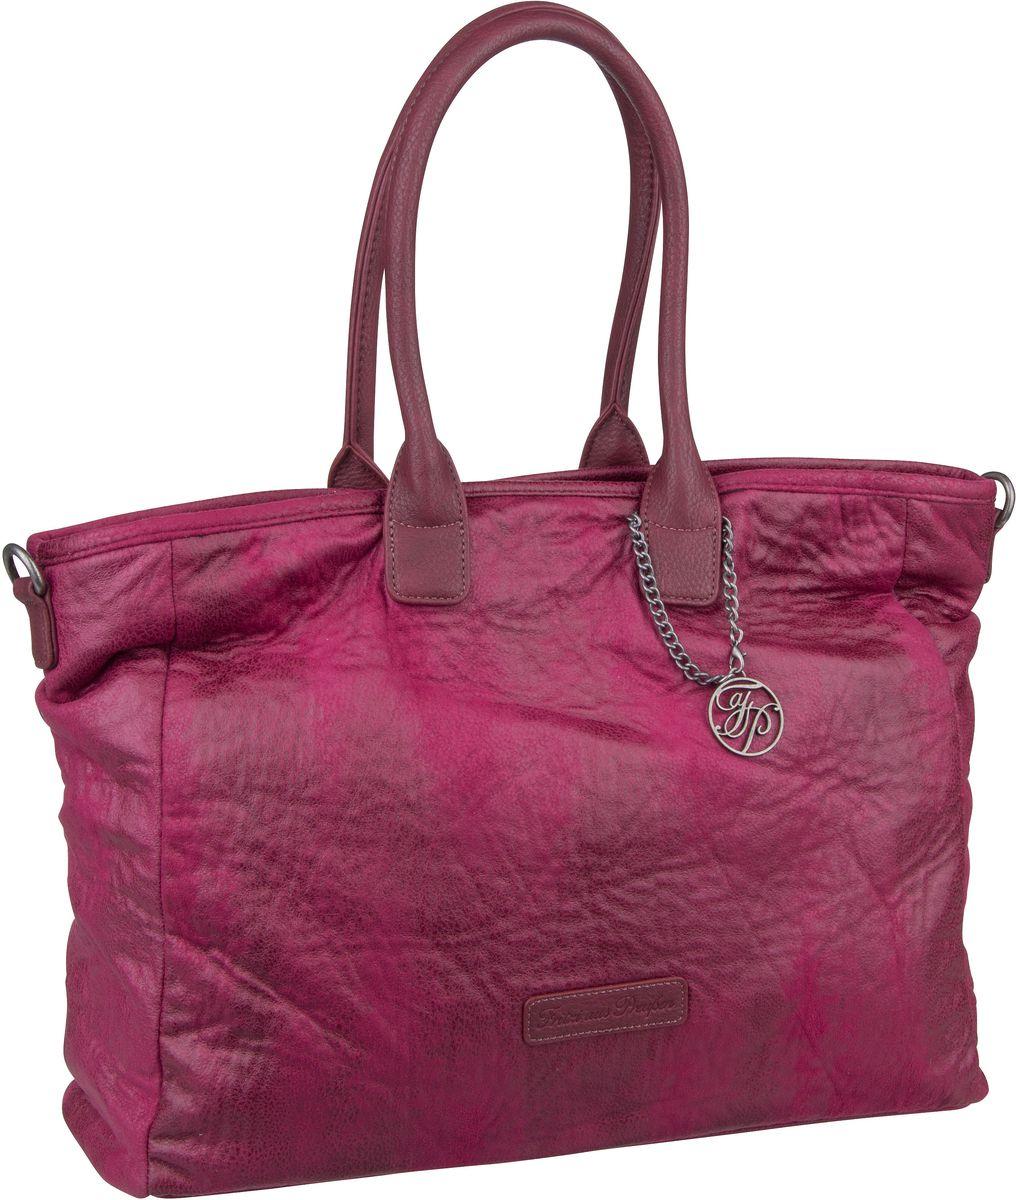 Handtasche Ginia Mars Rouge